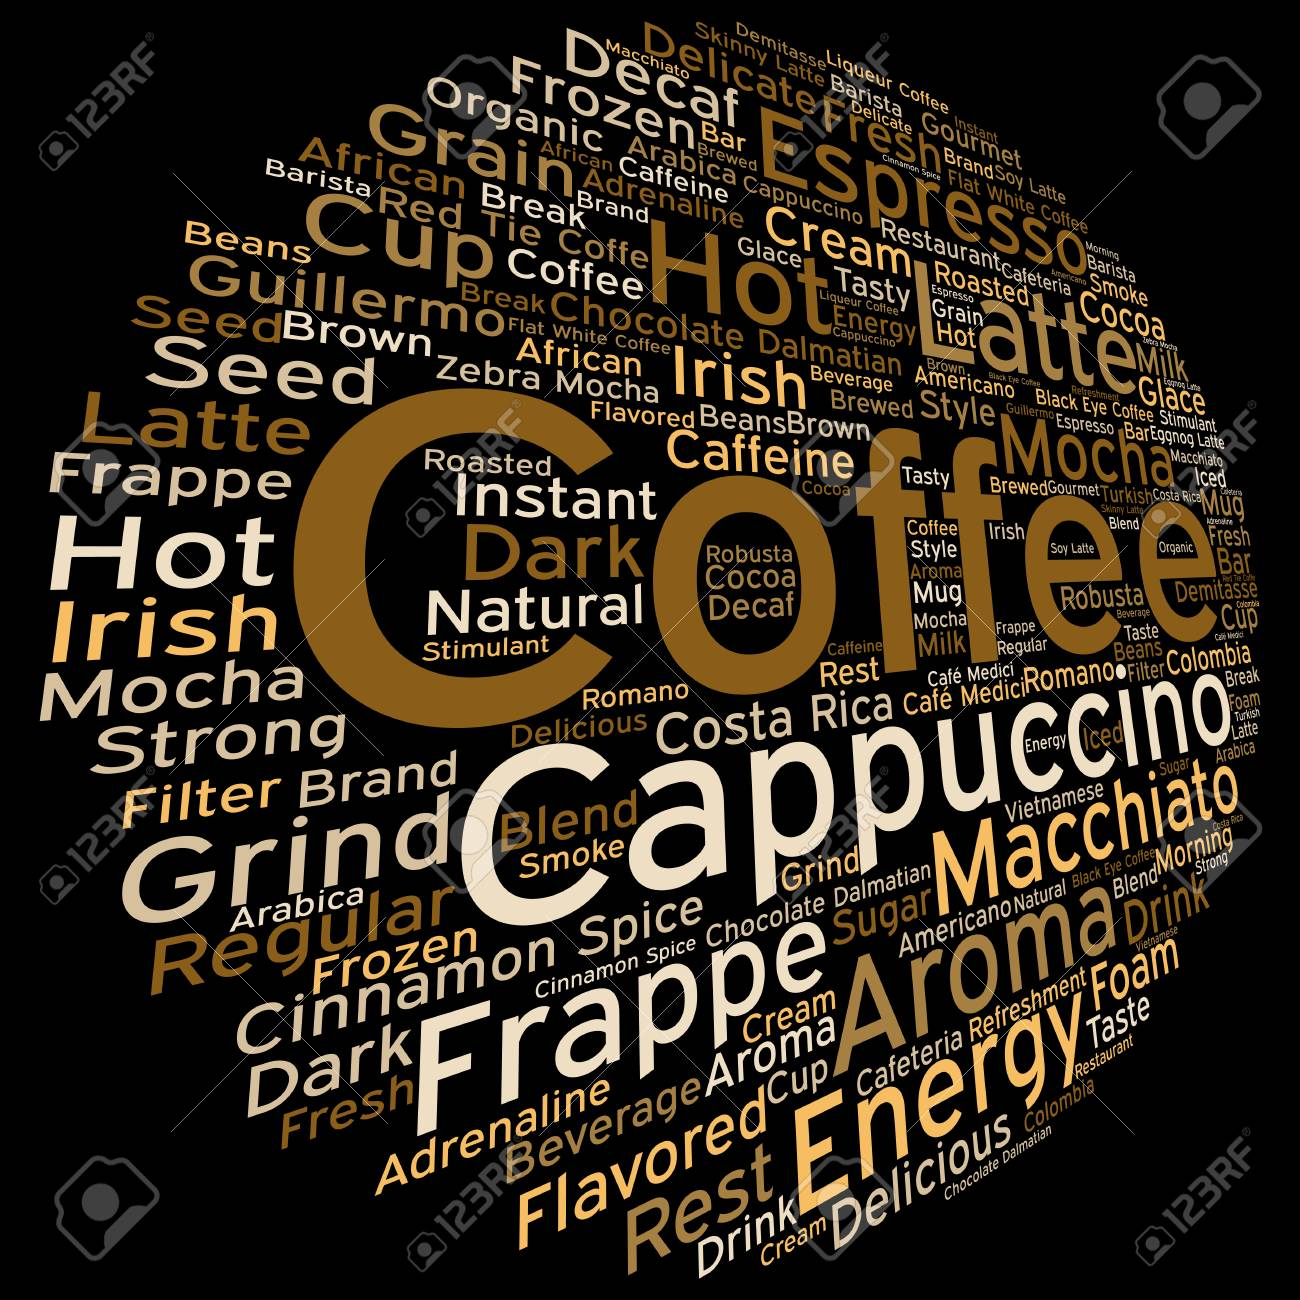 Konzept Konzeptionelle Kreative Heißen Kaffee, Cappuccino Oder ...